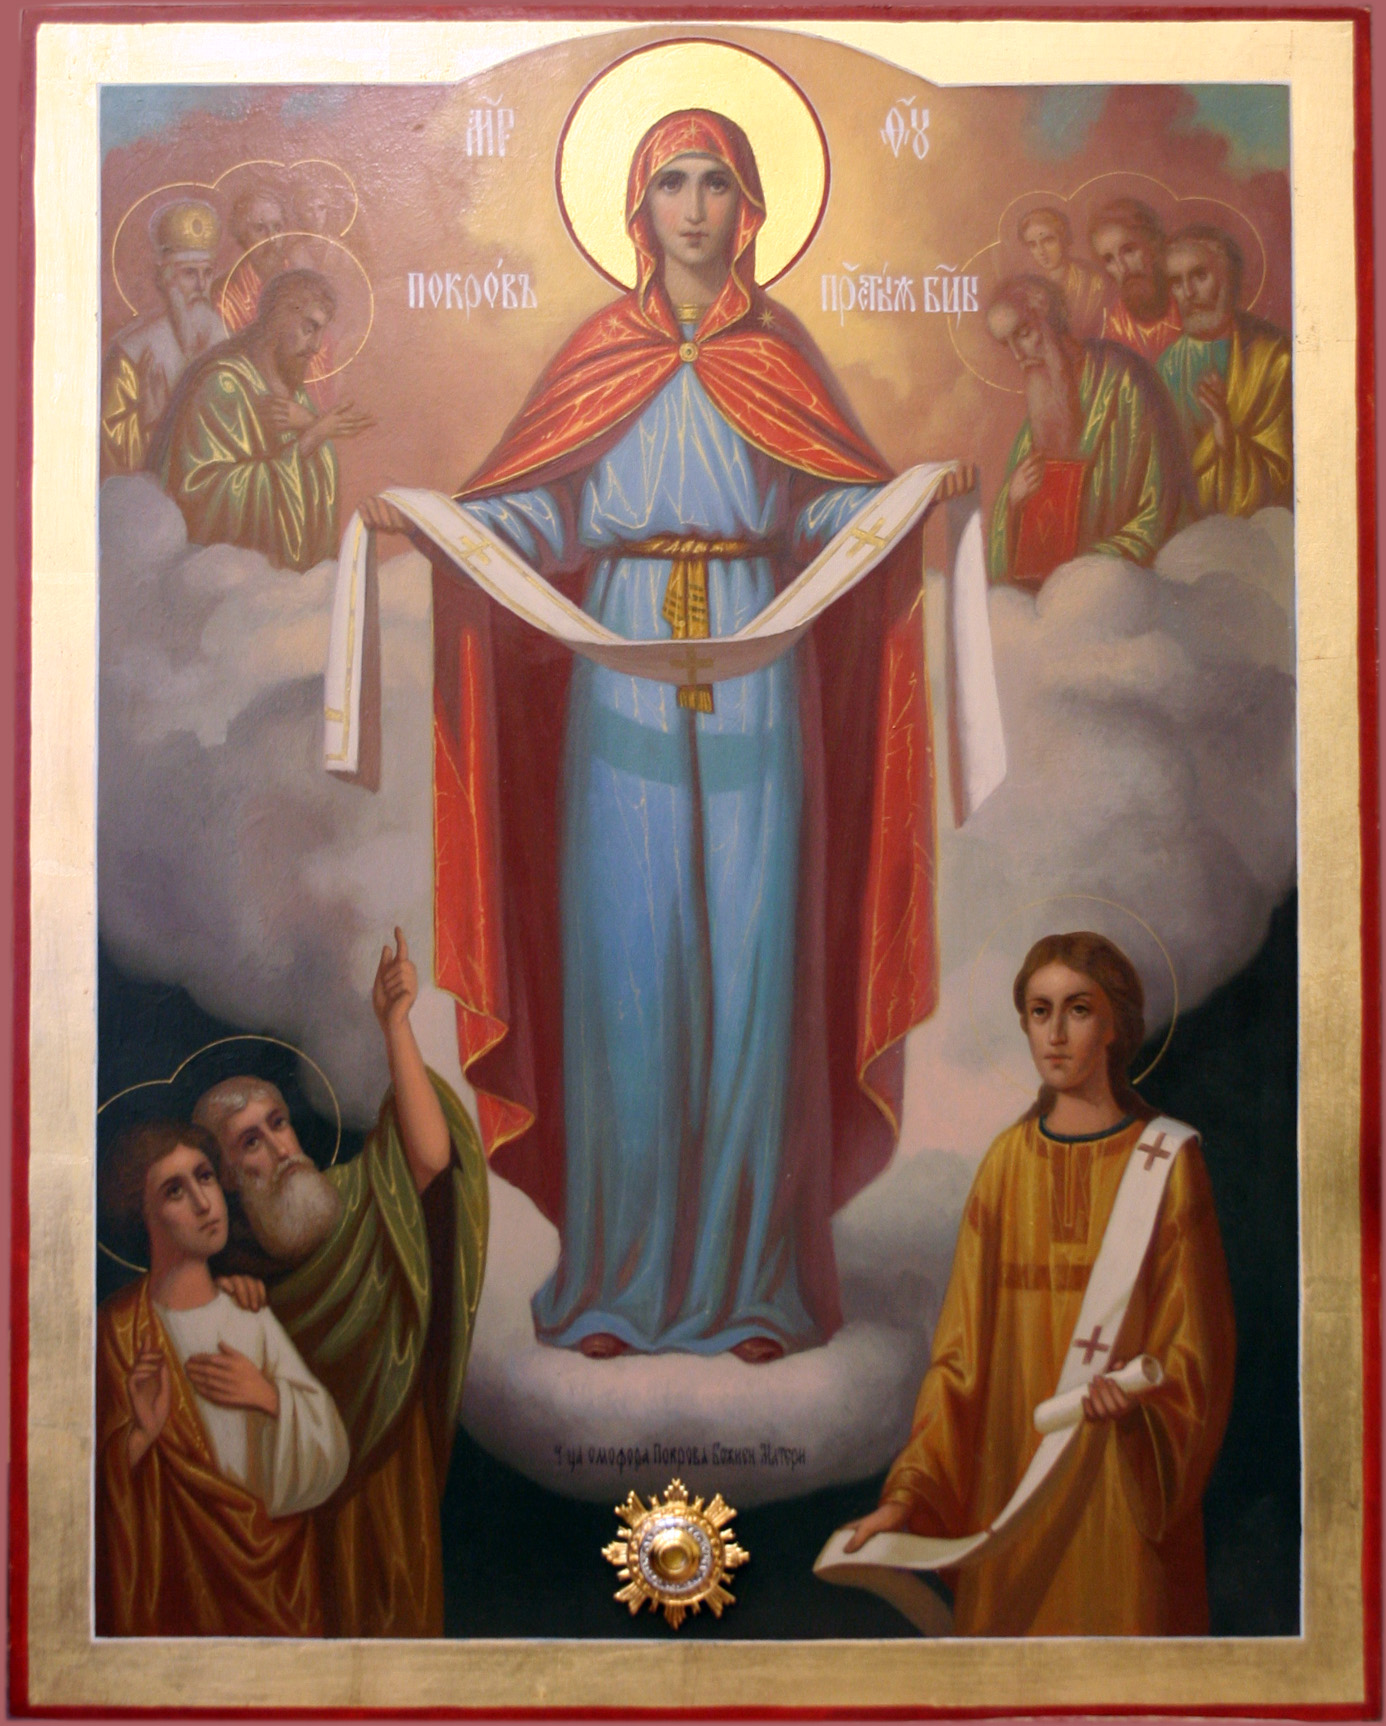 фото иконы покрова пресвятой богородицы помещение могут